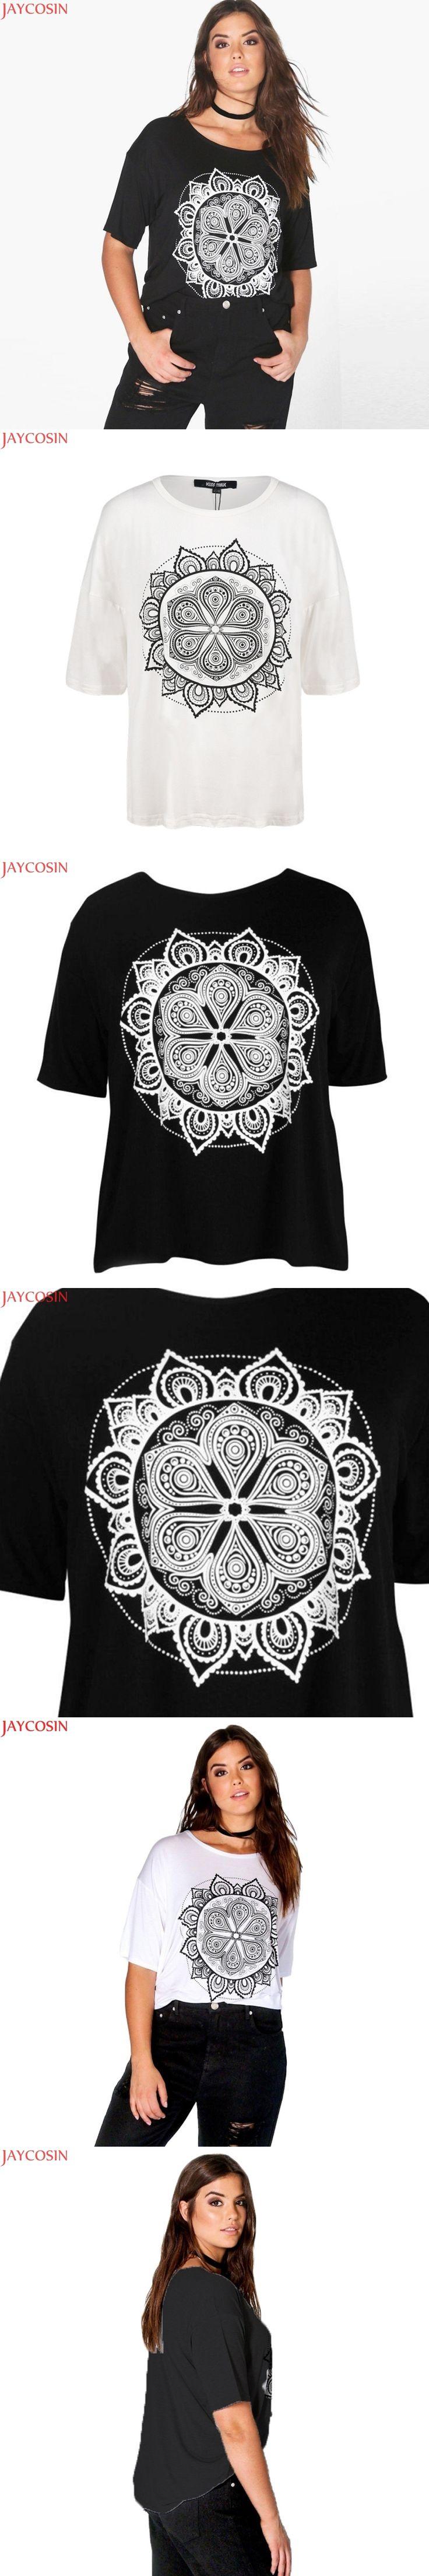 ssf2017 Grande Taille Nouvelles Femmes De Mode Clothing Casual De Base imprimer T-shirt Manches Courtes La Taille T-shirt